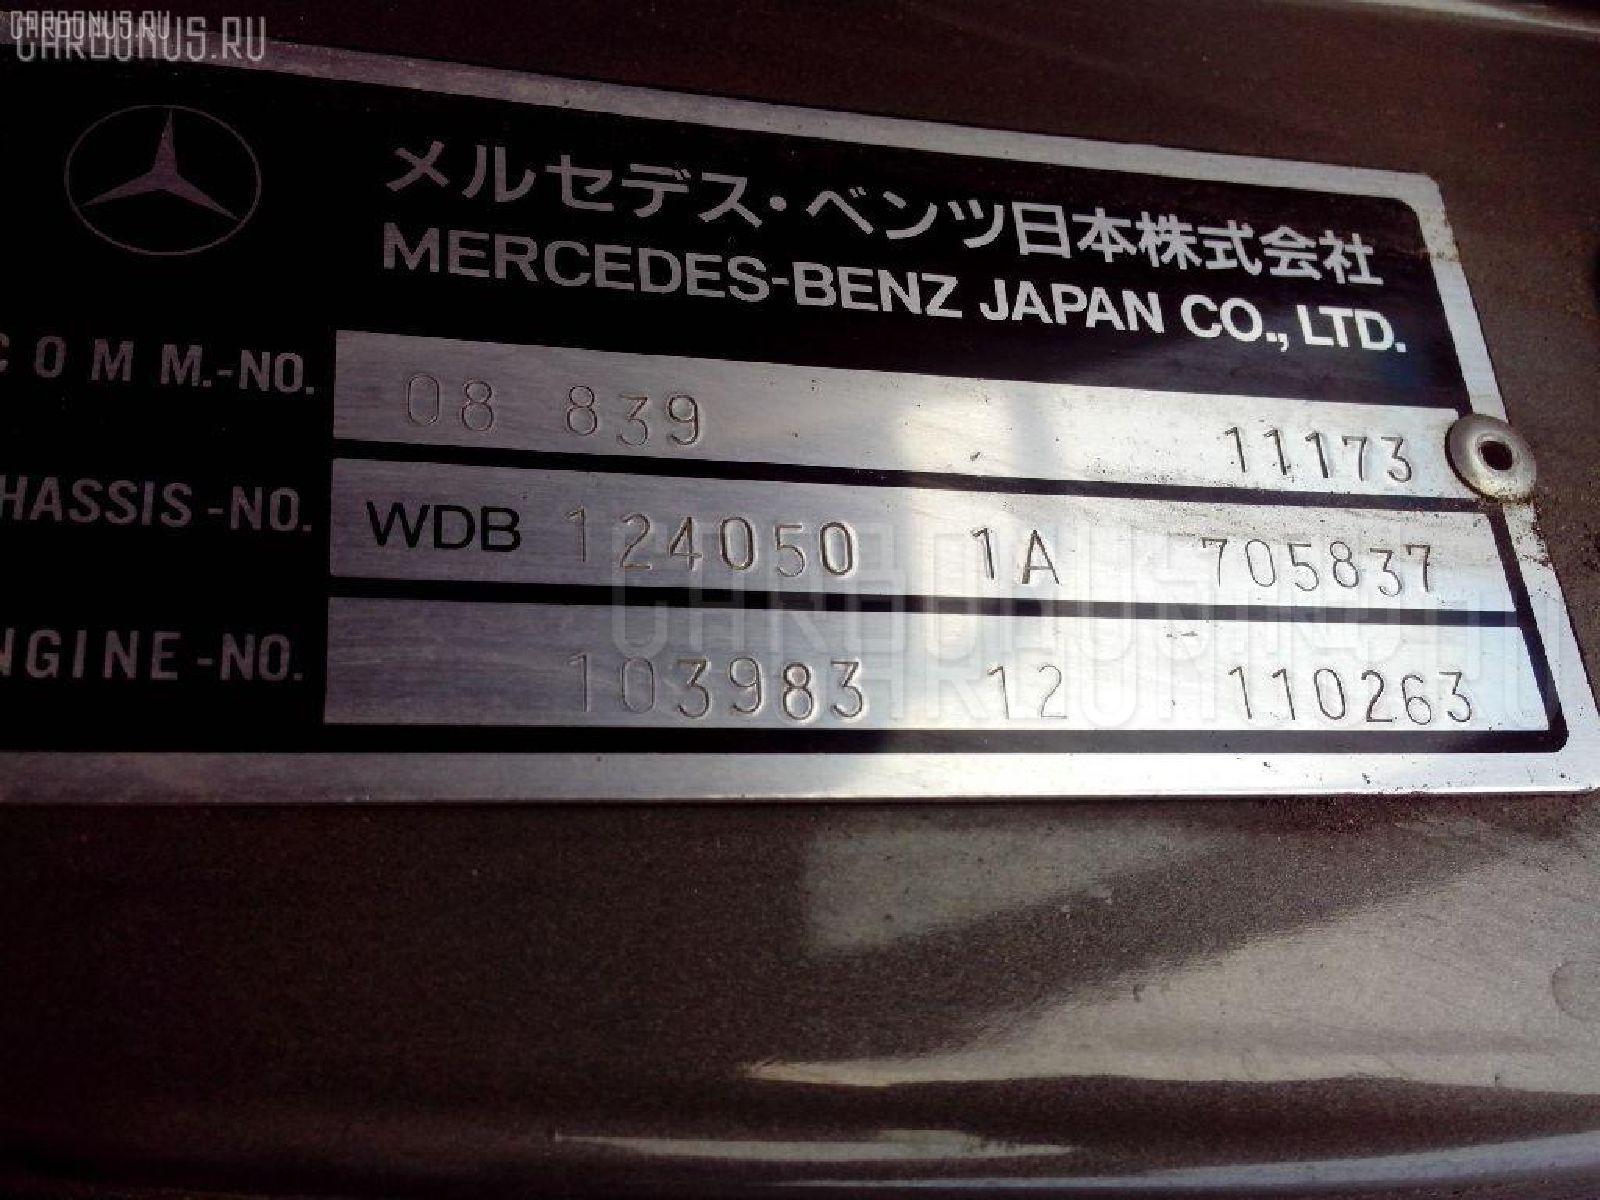 Радиатор кондиционера MERCEDES-BENZ COUPE C124.050 103.983 Фото 7